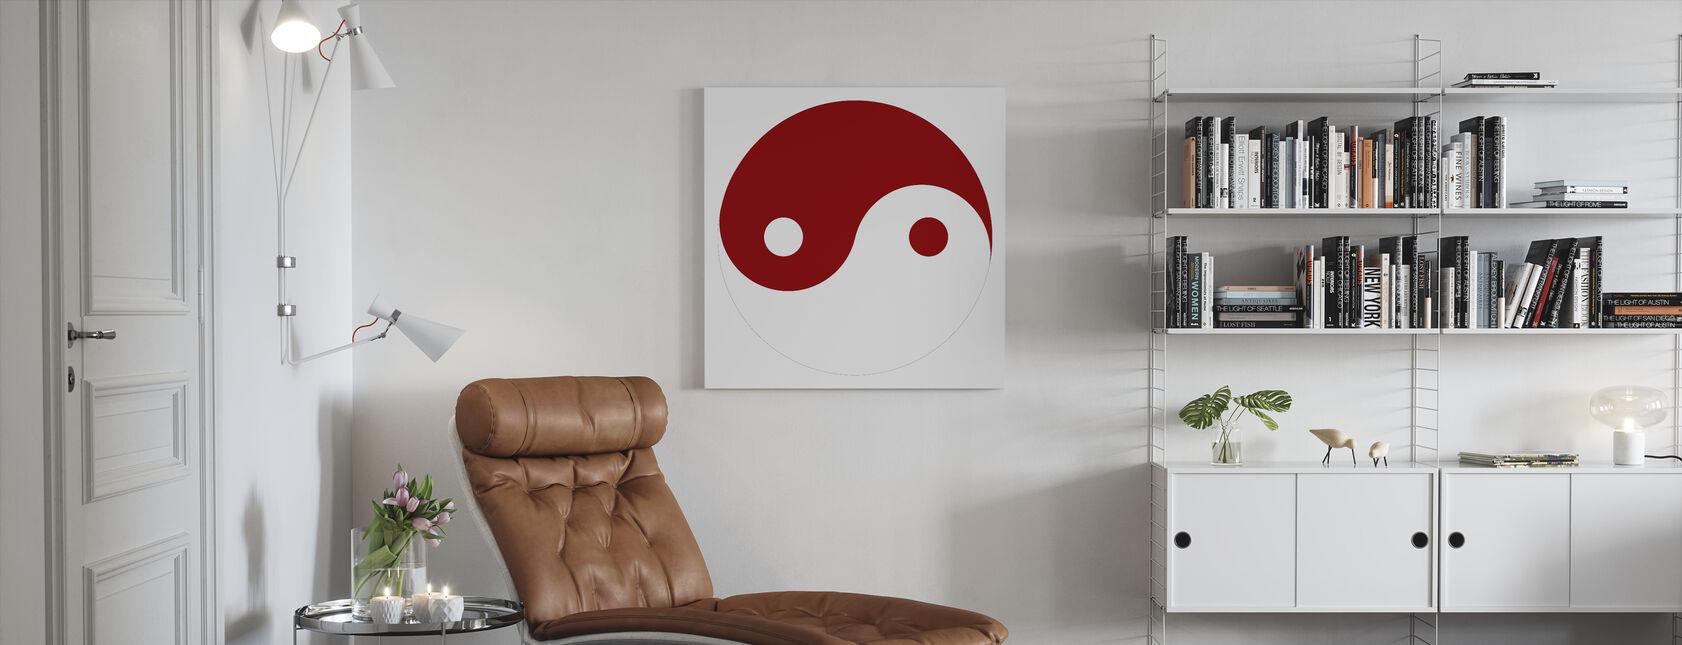 Yin-Yang - Rood - Canvas print - Woonkamer